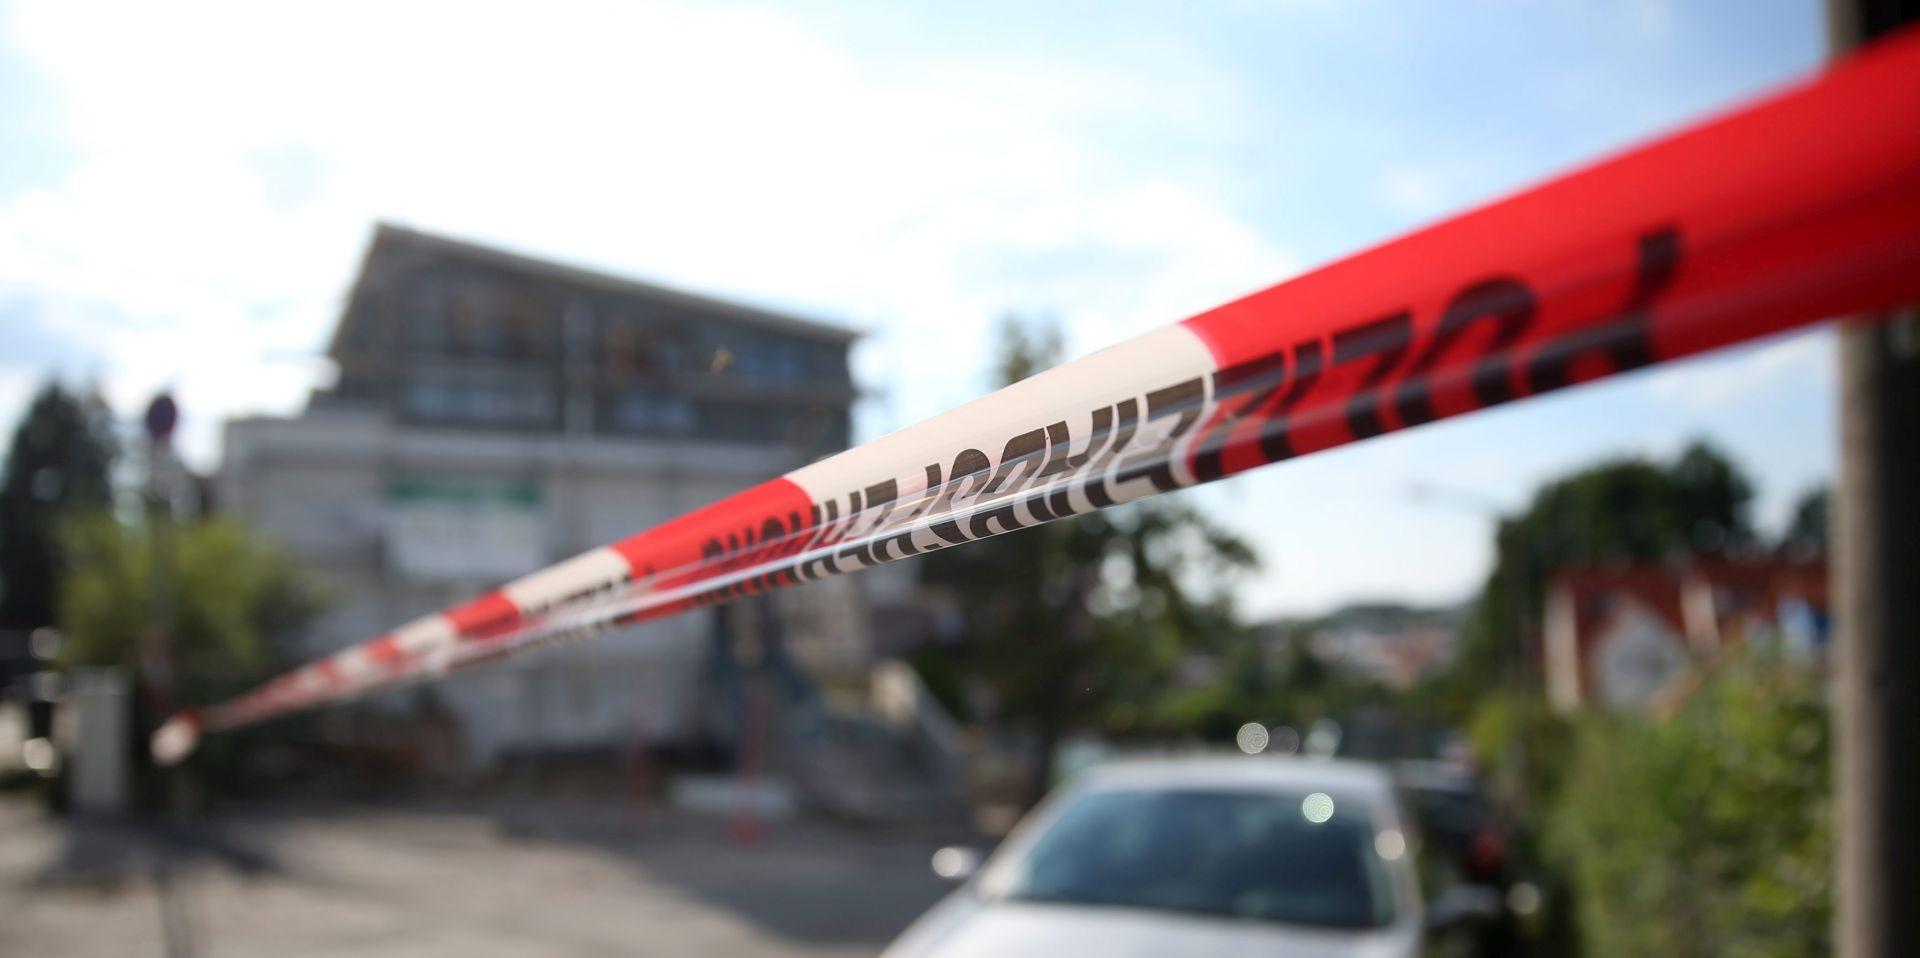 SMRT U AUSTRIJI Dva Sirijca priznala ubojstvo državljana Srbije